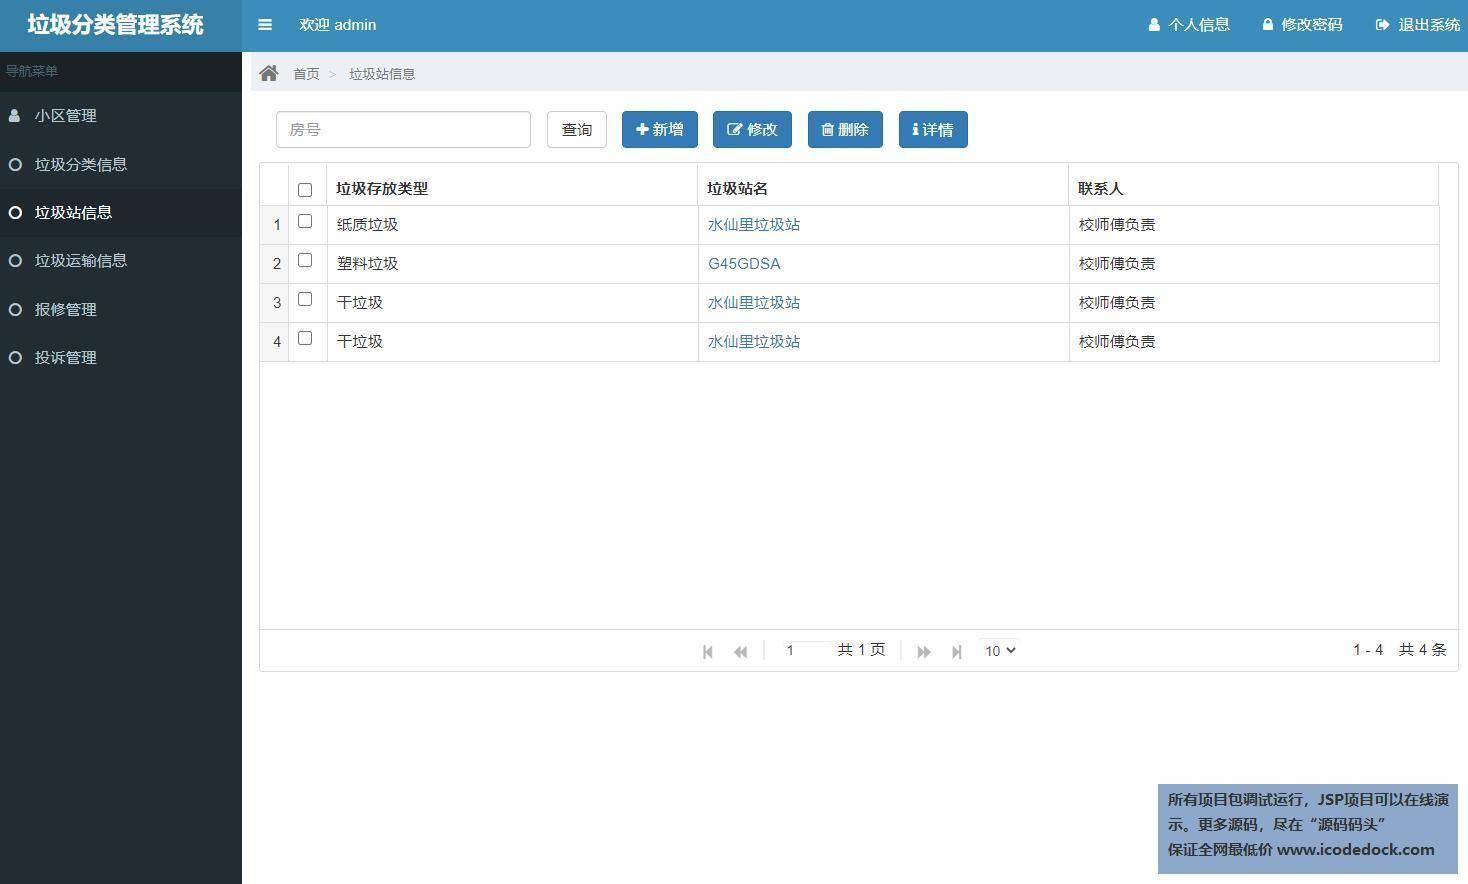 源码码头-SSM实现的垃圾分类管理系统-管理员角色-垃圾站信息管理